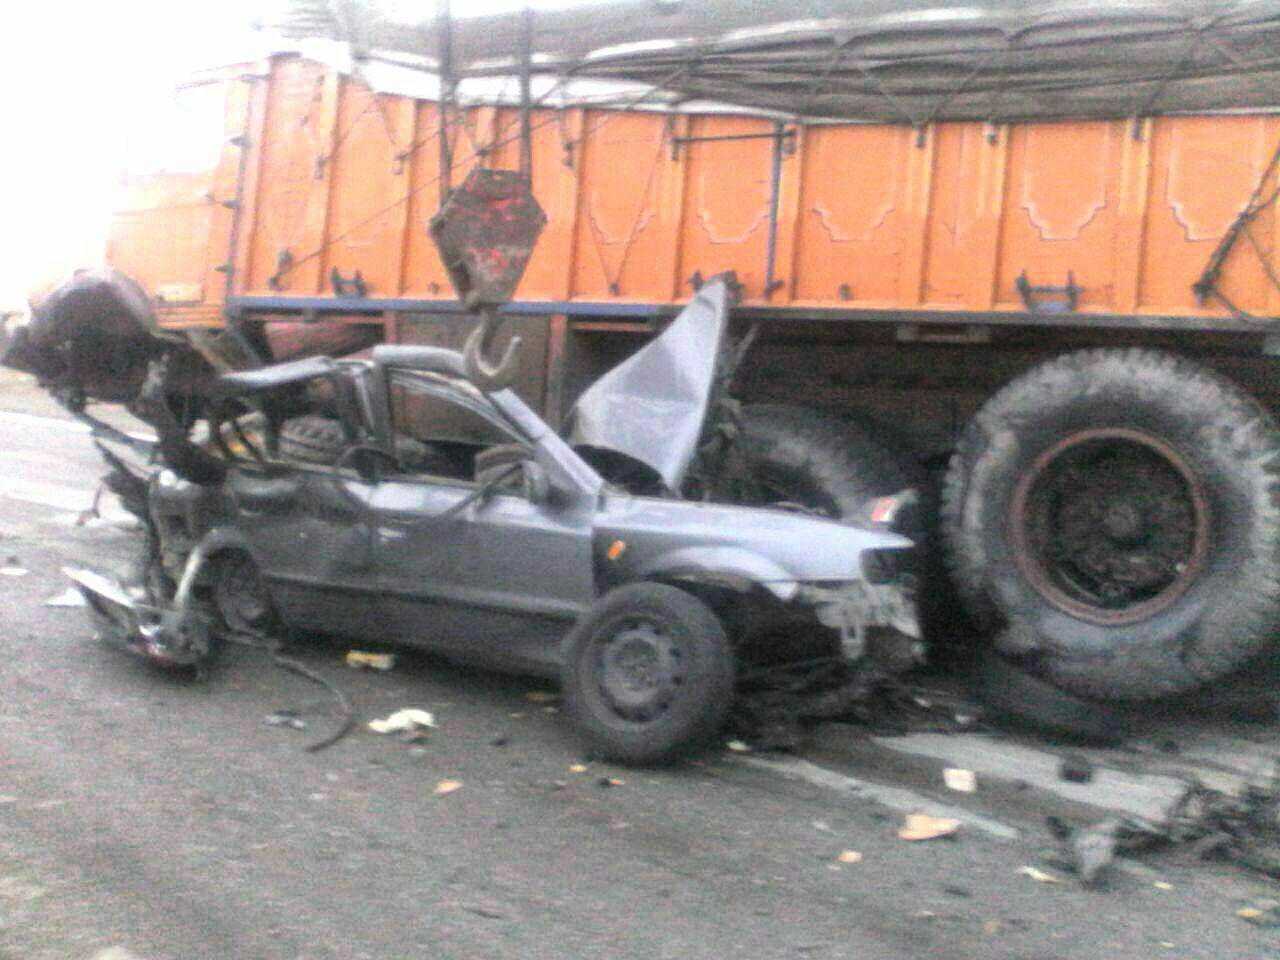 له شدن پراید زیر چرخهای کامیون/ 5 نفر کشته شدند